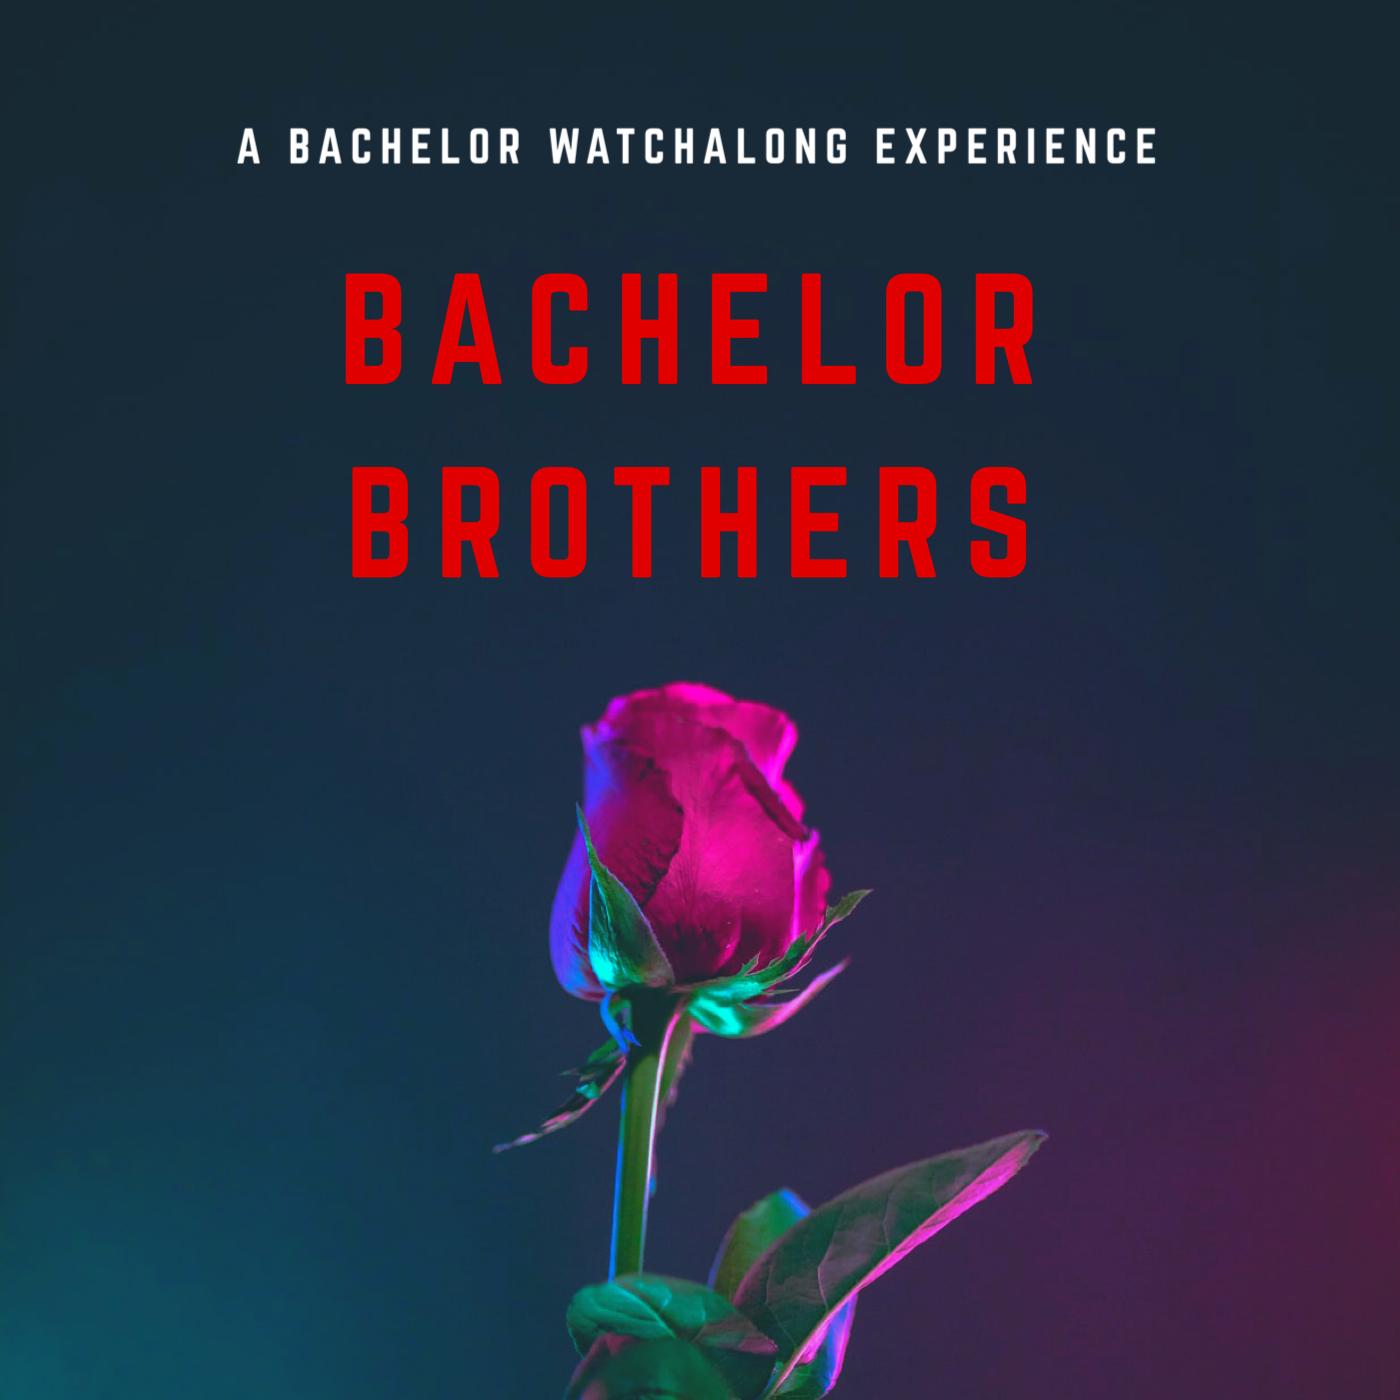 Bachelor Brothers